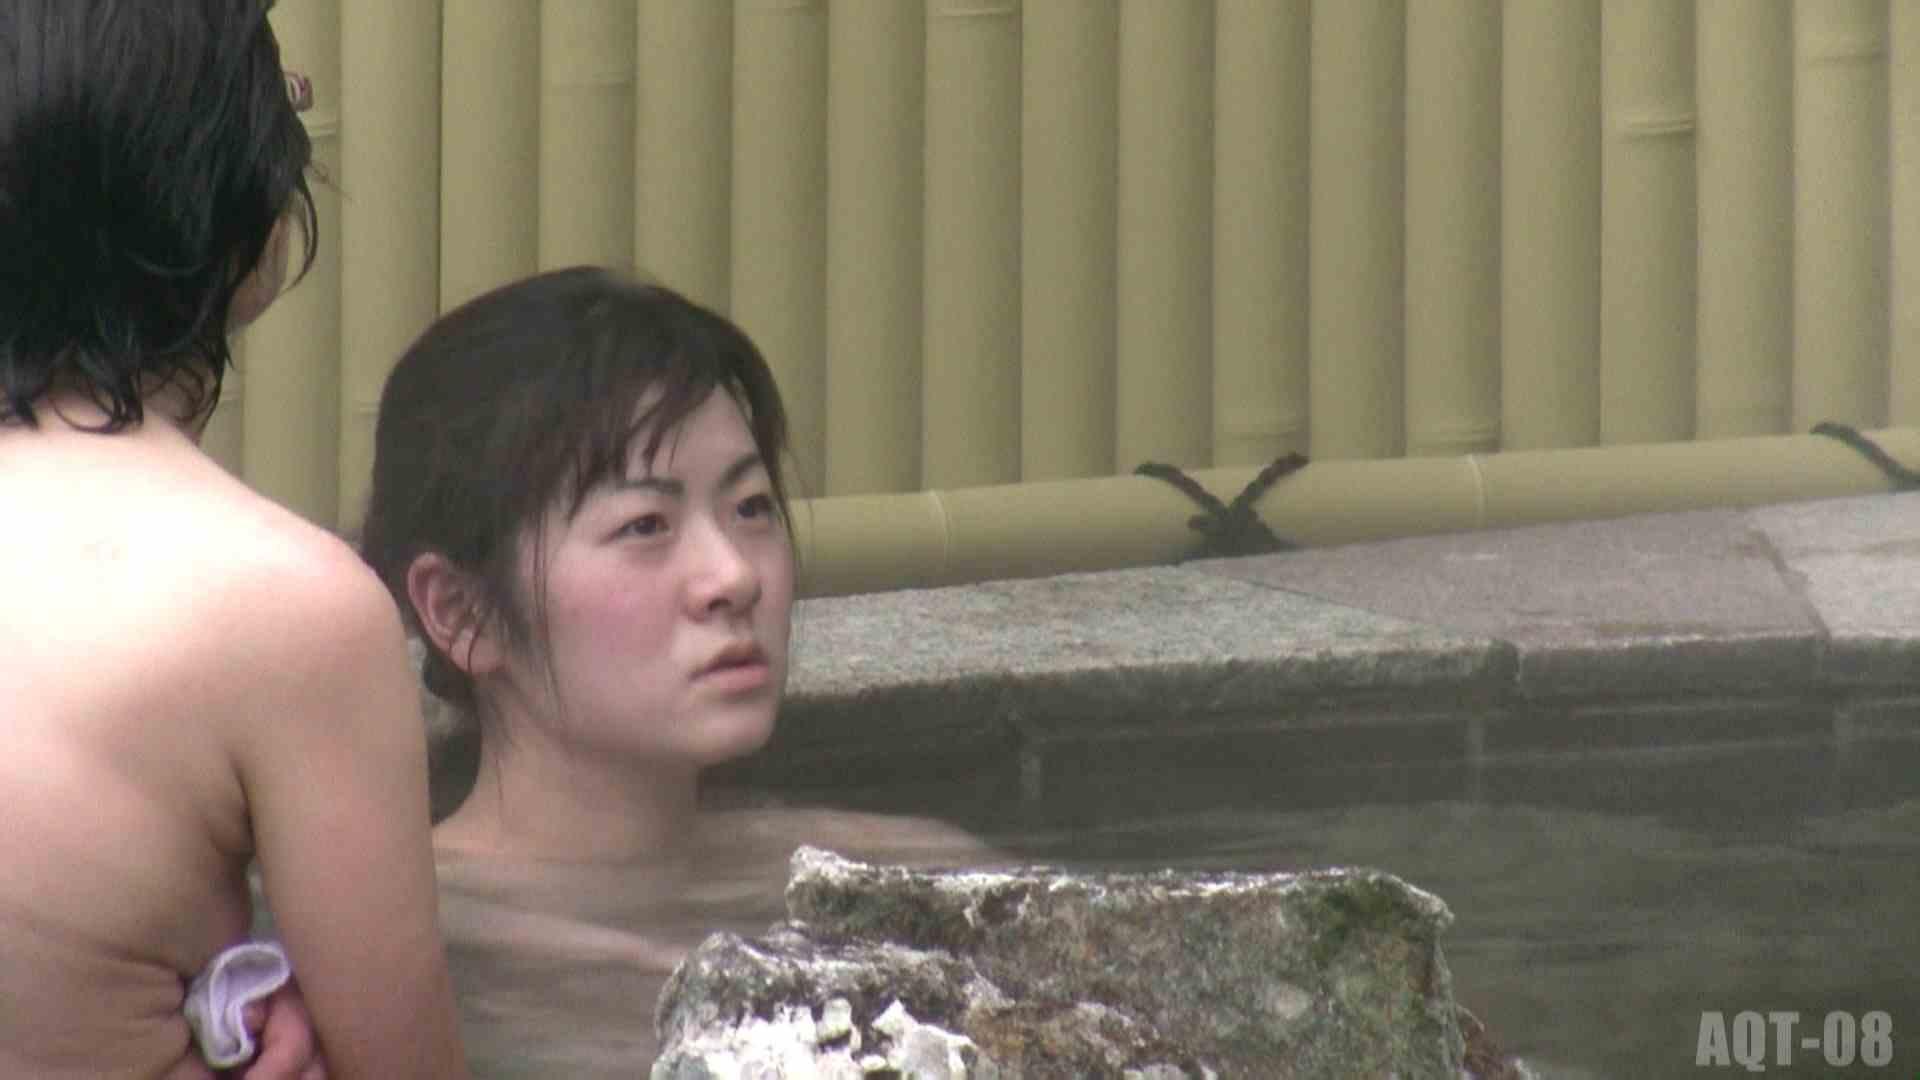 Aquaな露天風呂Vol.774 0  83pic 24